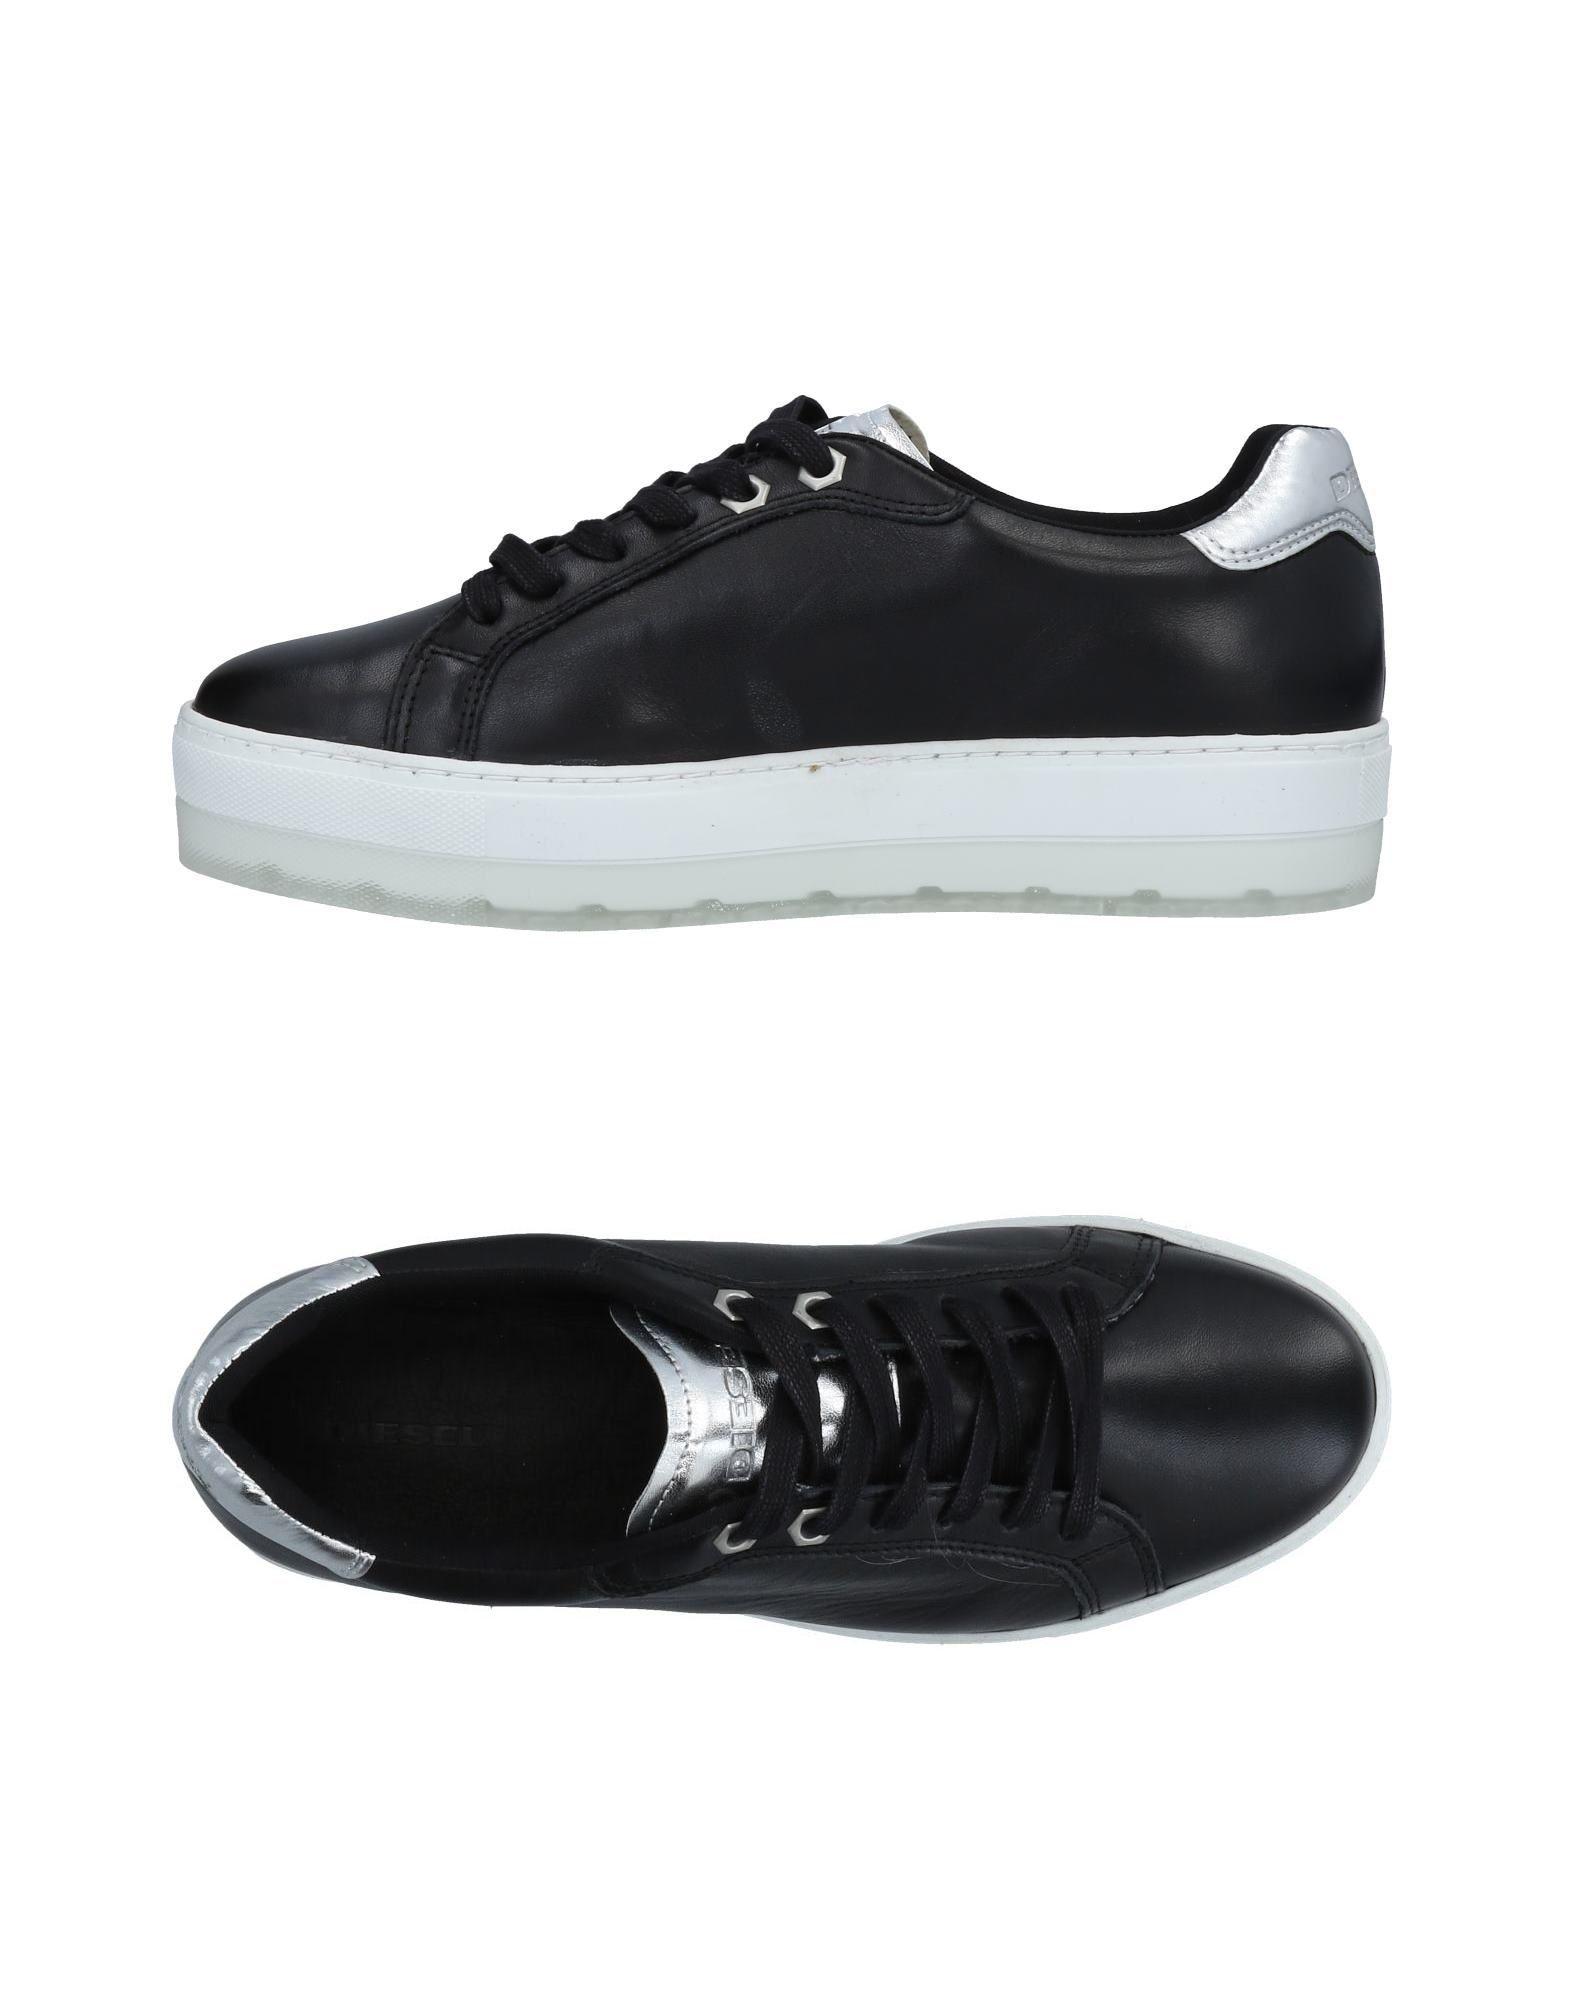 Diesel Turnschuhes Damen 11491439JT Gute Qualität beliebte Schuhe